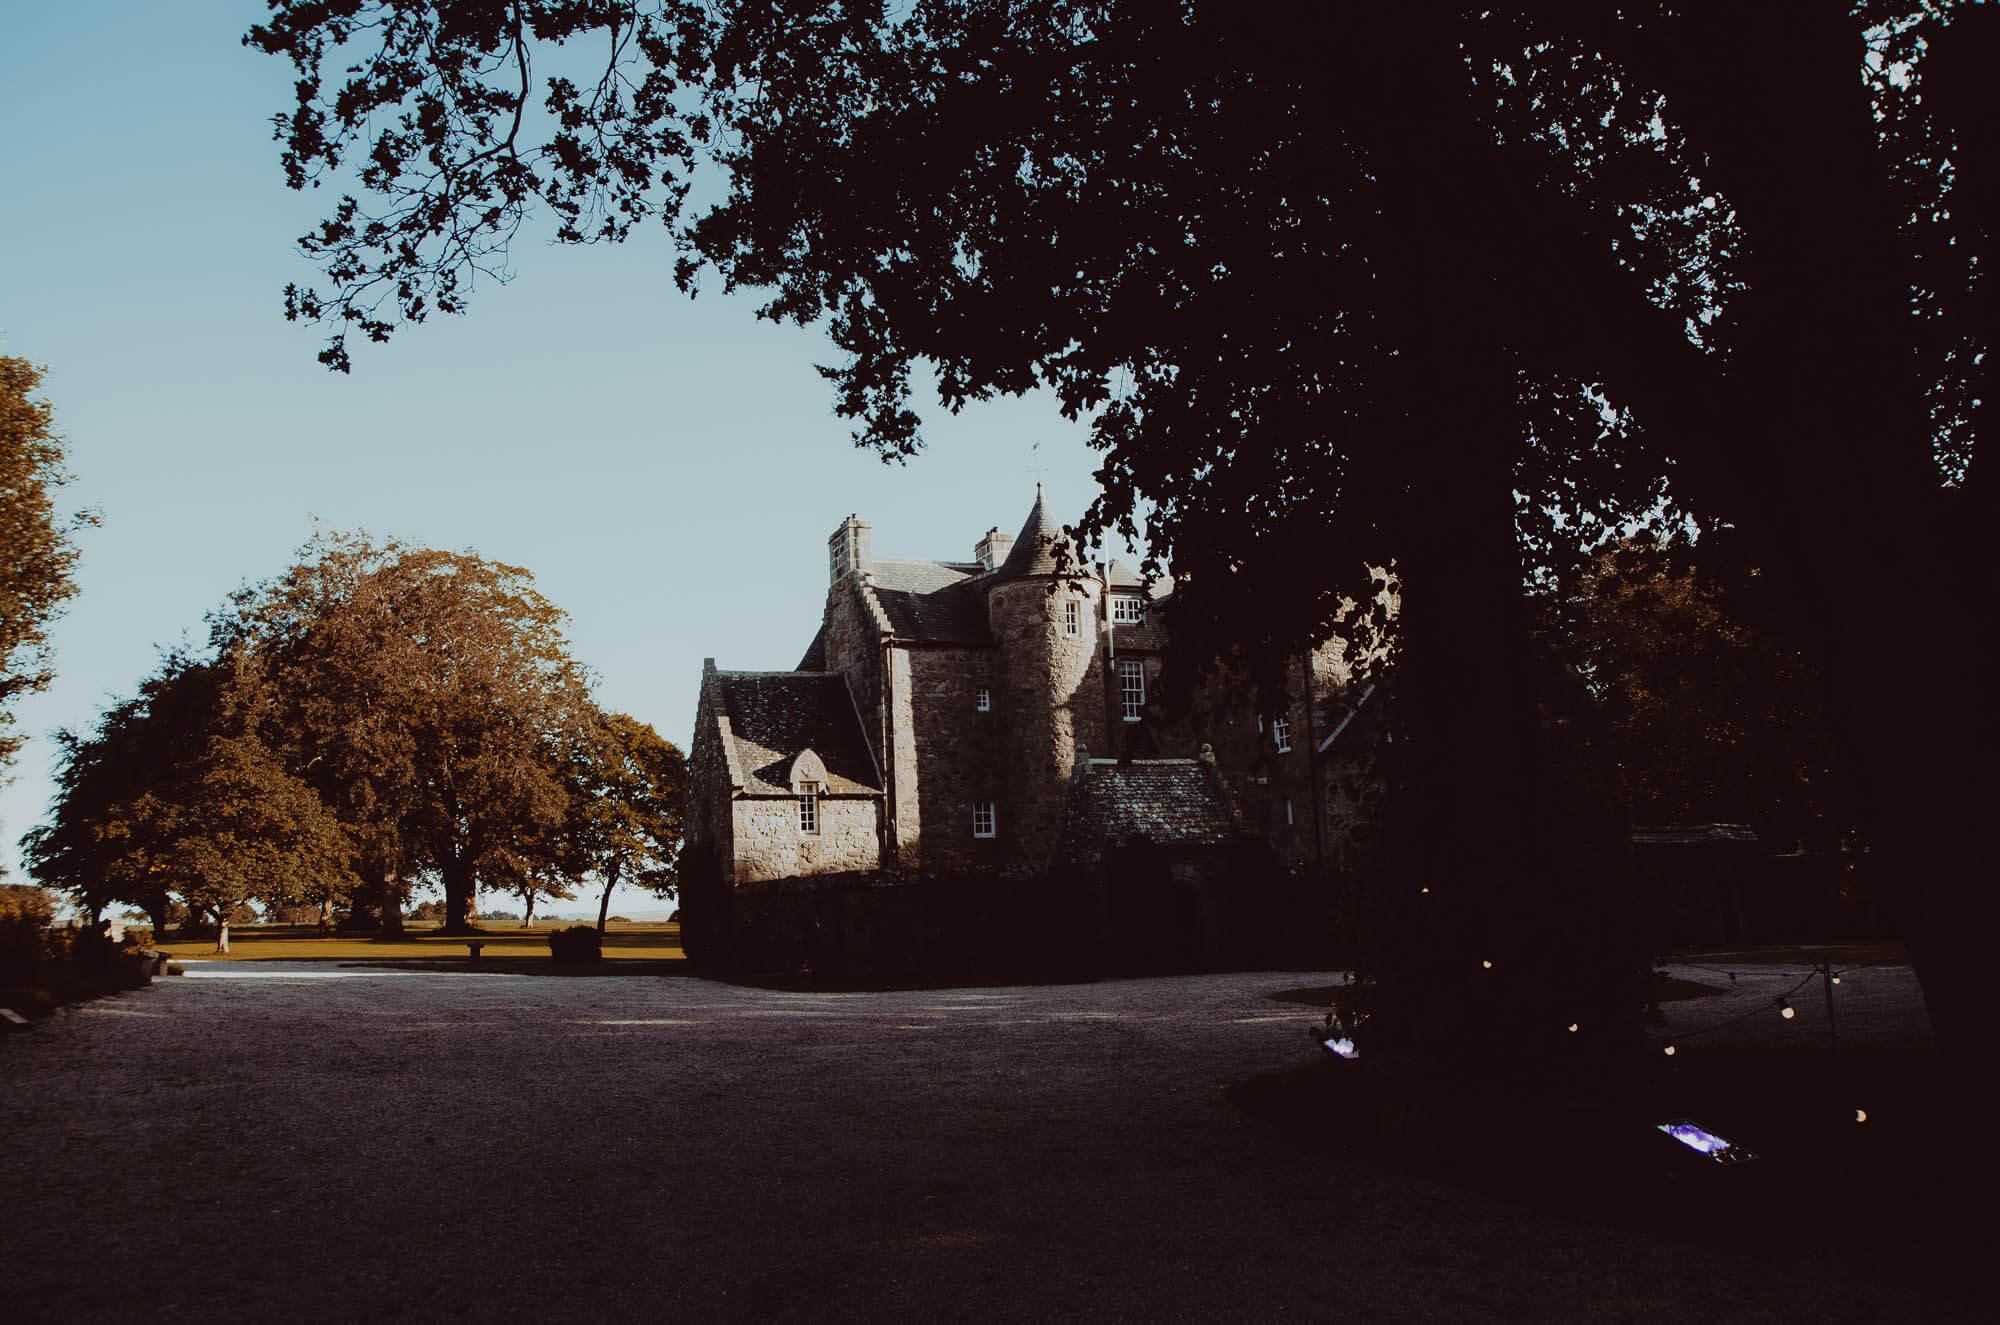 Schivas House on a wedding day